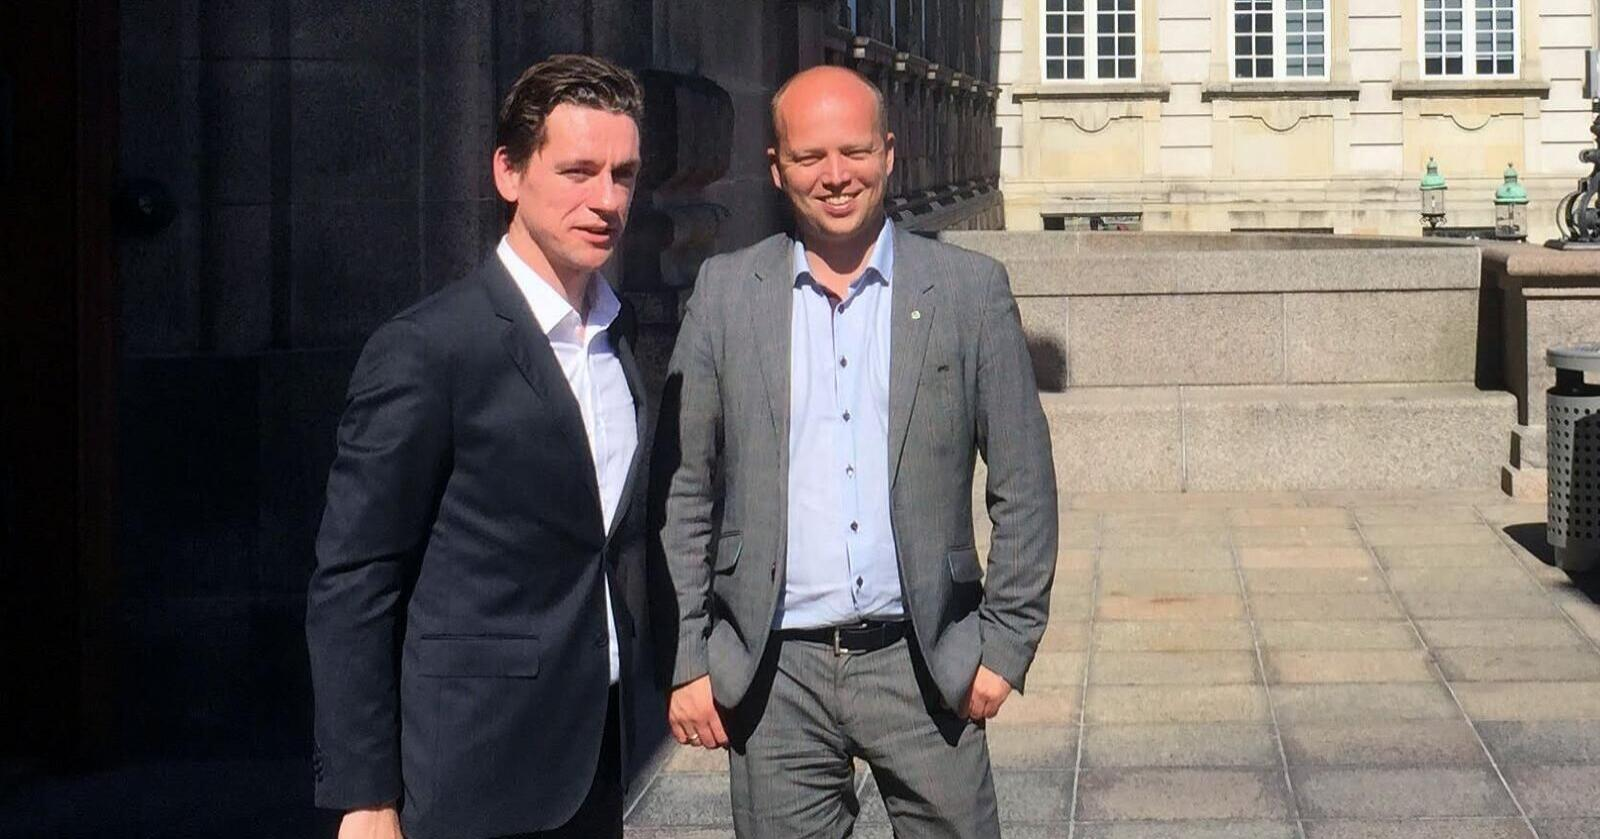 Innenriksministeren i Danmark, Kaare Dybvad Bek, sammen med Sp-leder Trygve Slagsvold Vedum foran Folketinget i København i 2015. Foto: Ole Gustav Narud.